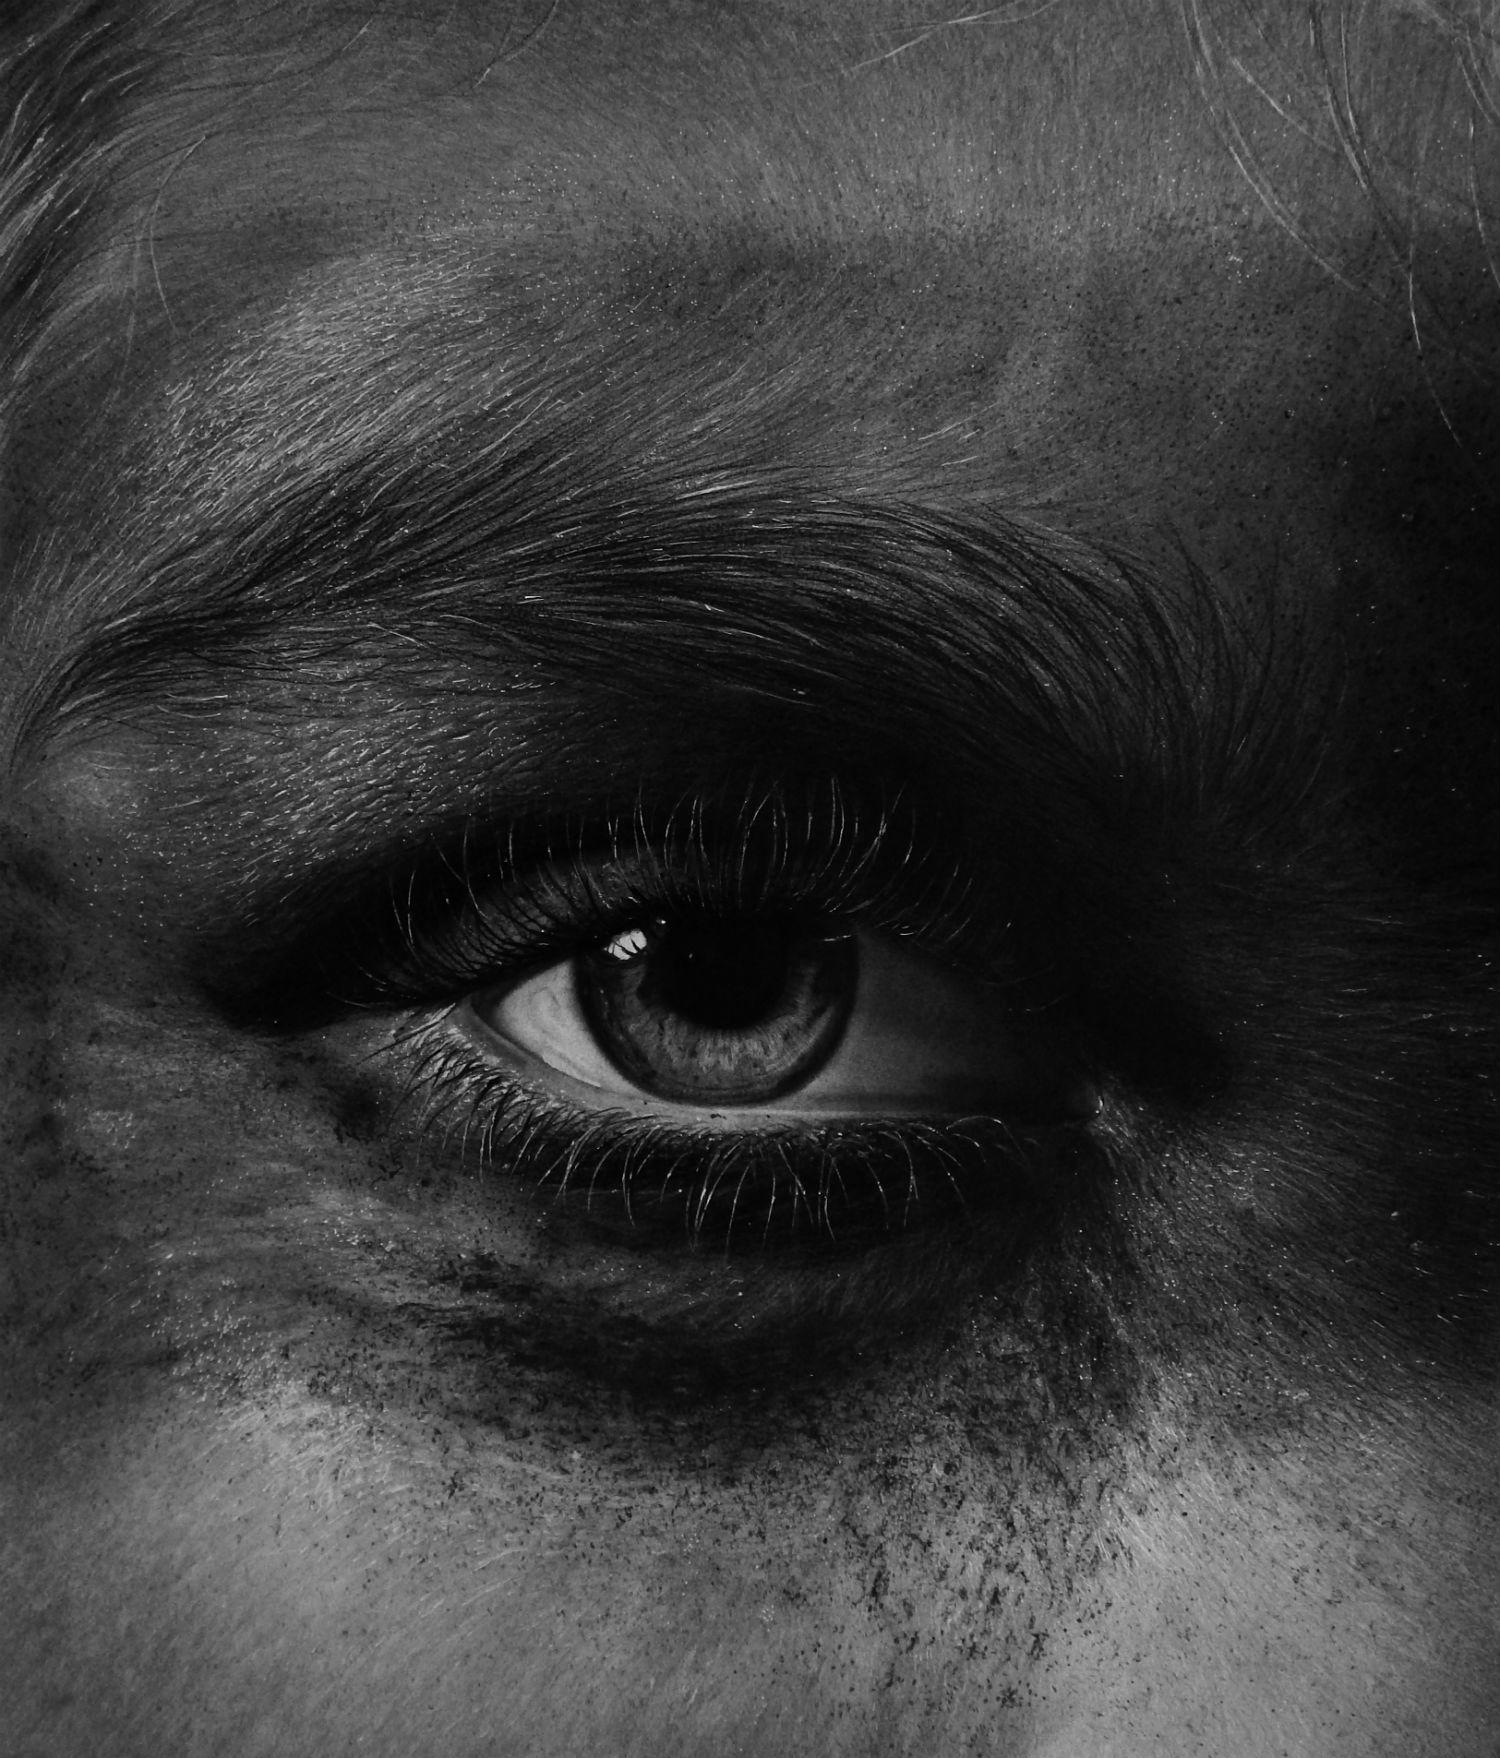 eye close up kit king drawing photo realism black white